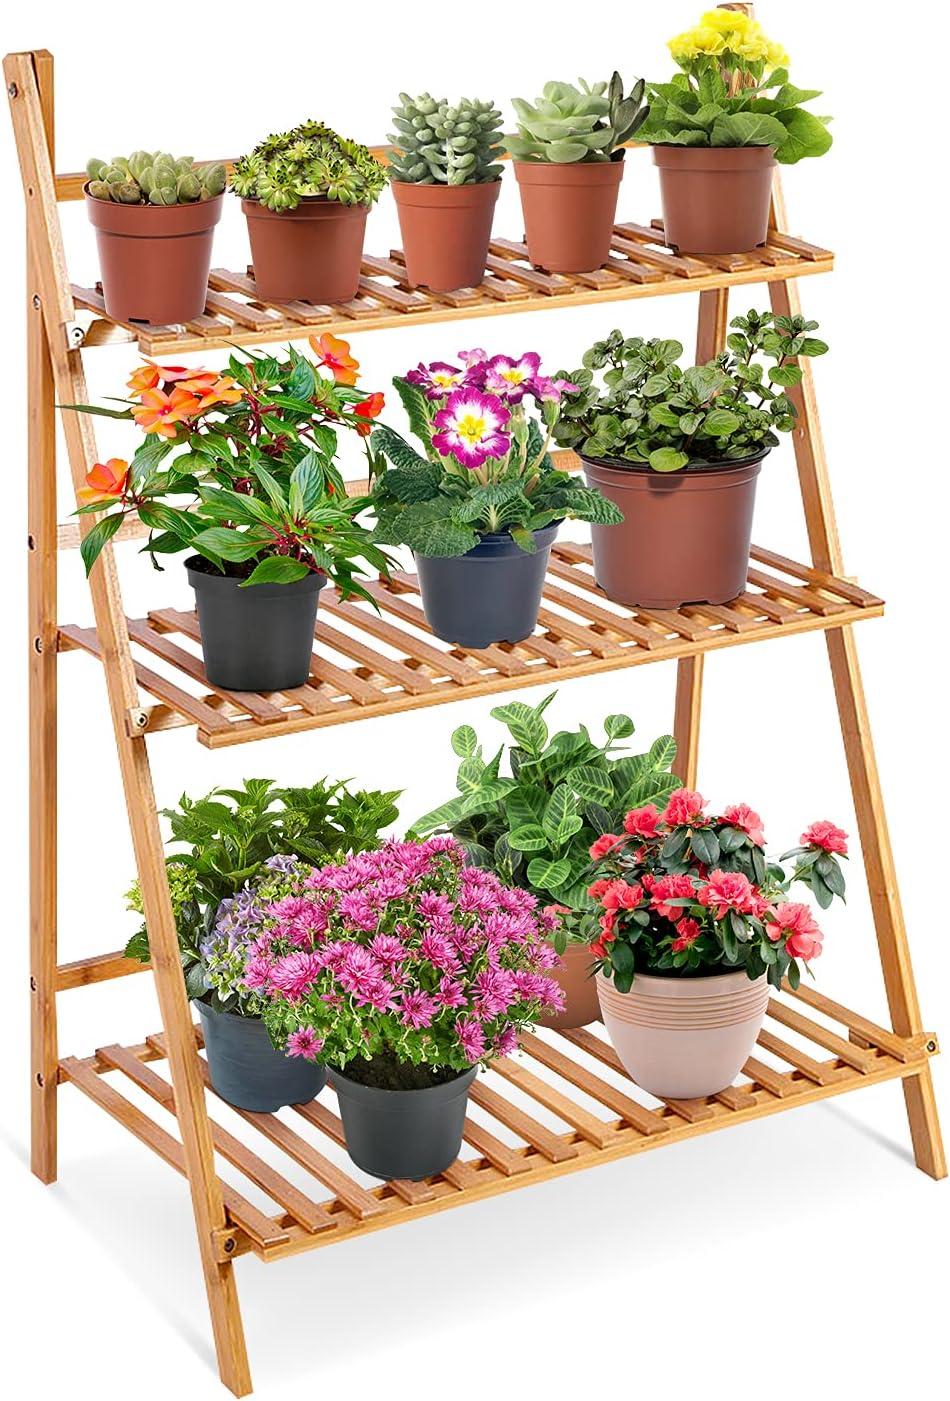 定番の人気シリーズPOINT(ポイント)入荷 Yosooo 3 Tier Folding Bamboo Plant 定番の人気シリーズPOINT ポイント 入荷 Stand Pot Di Shelf with